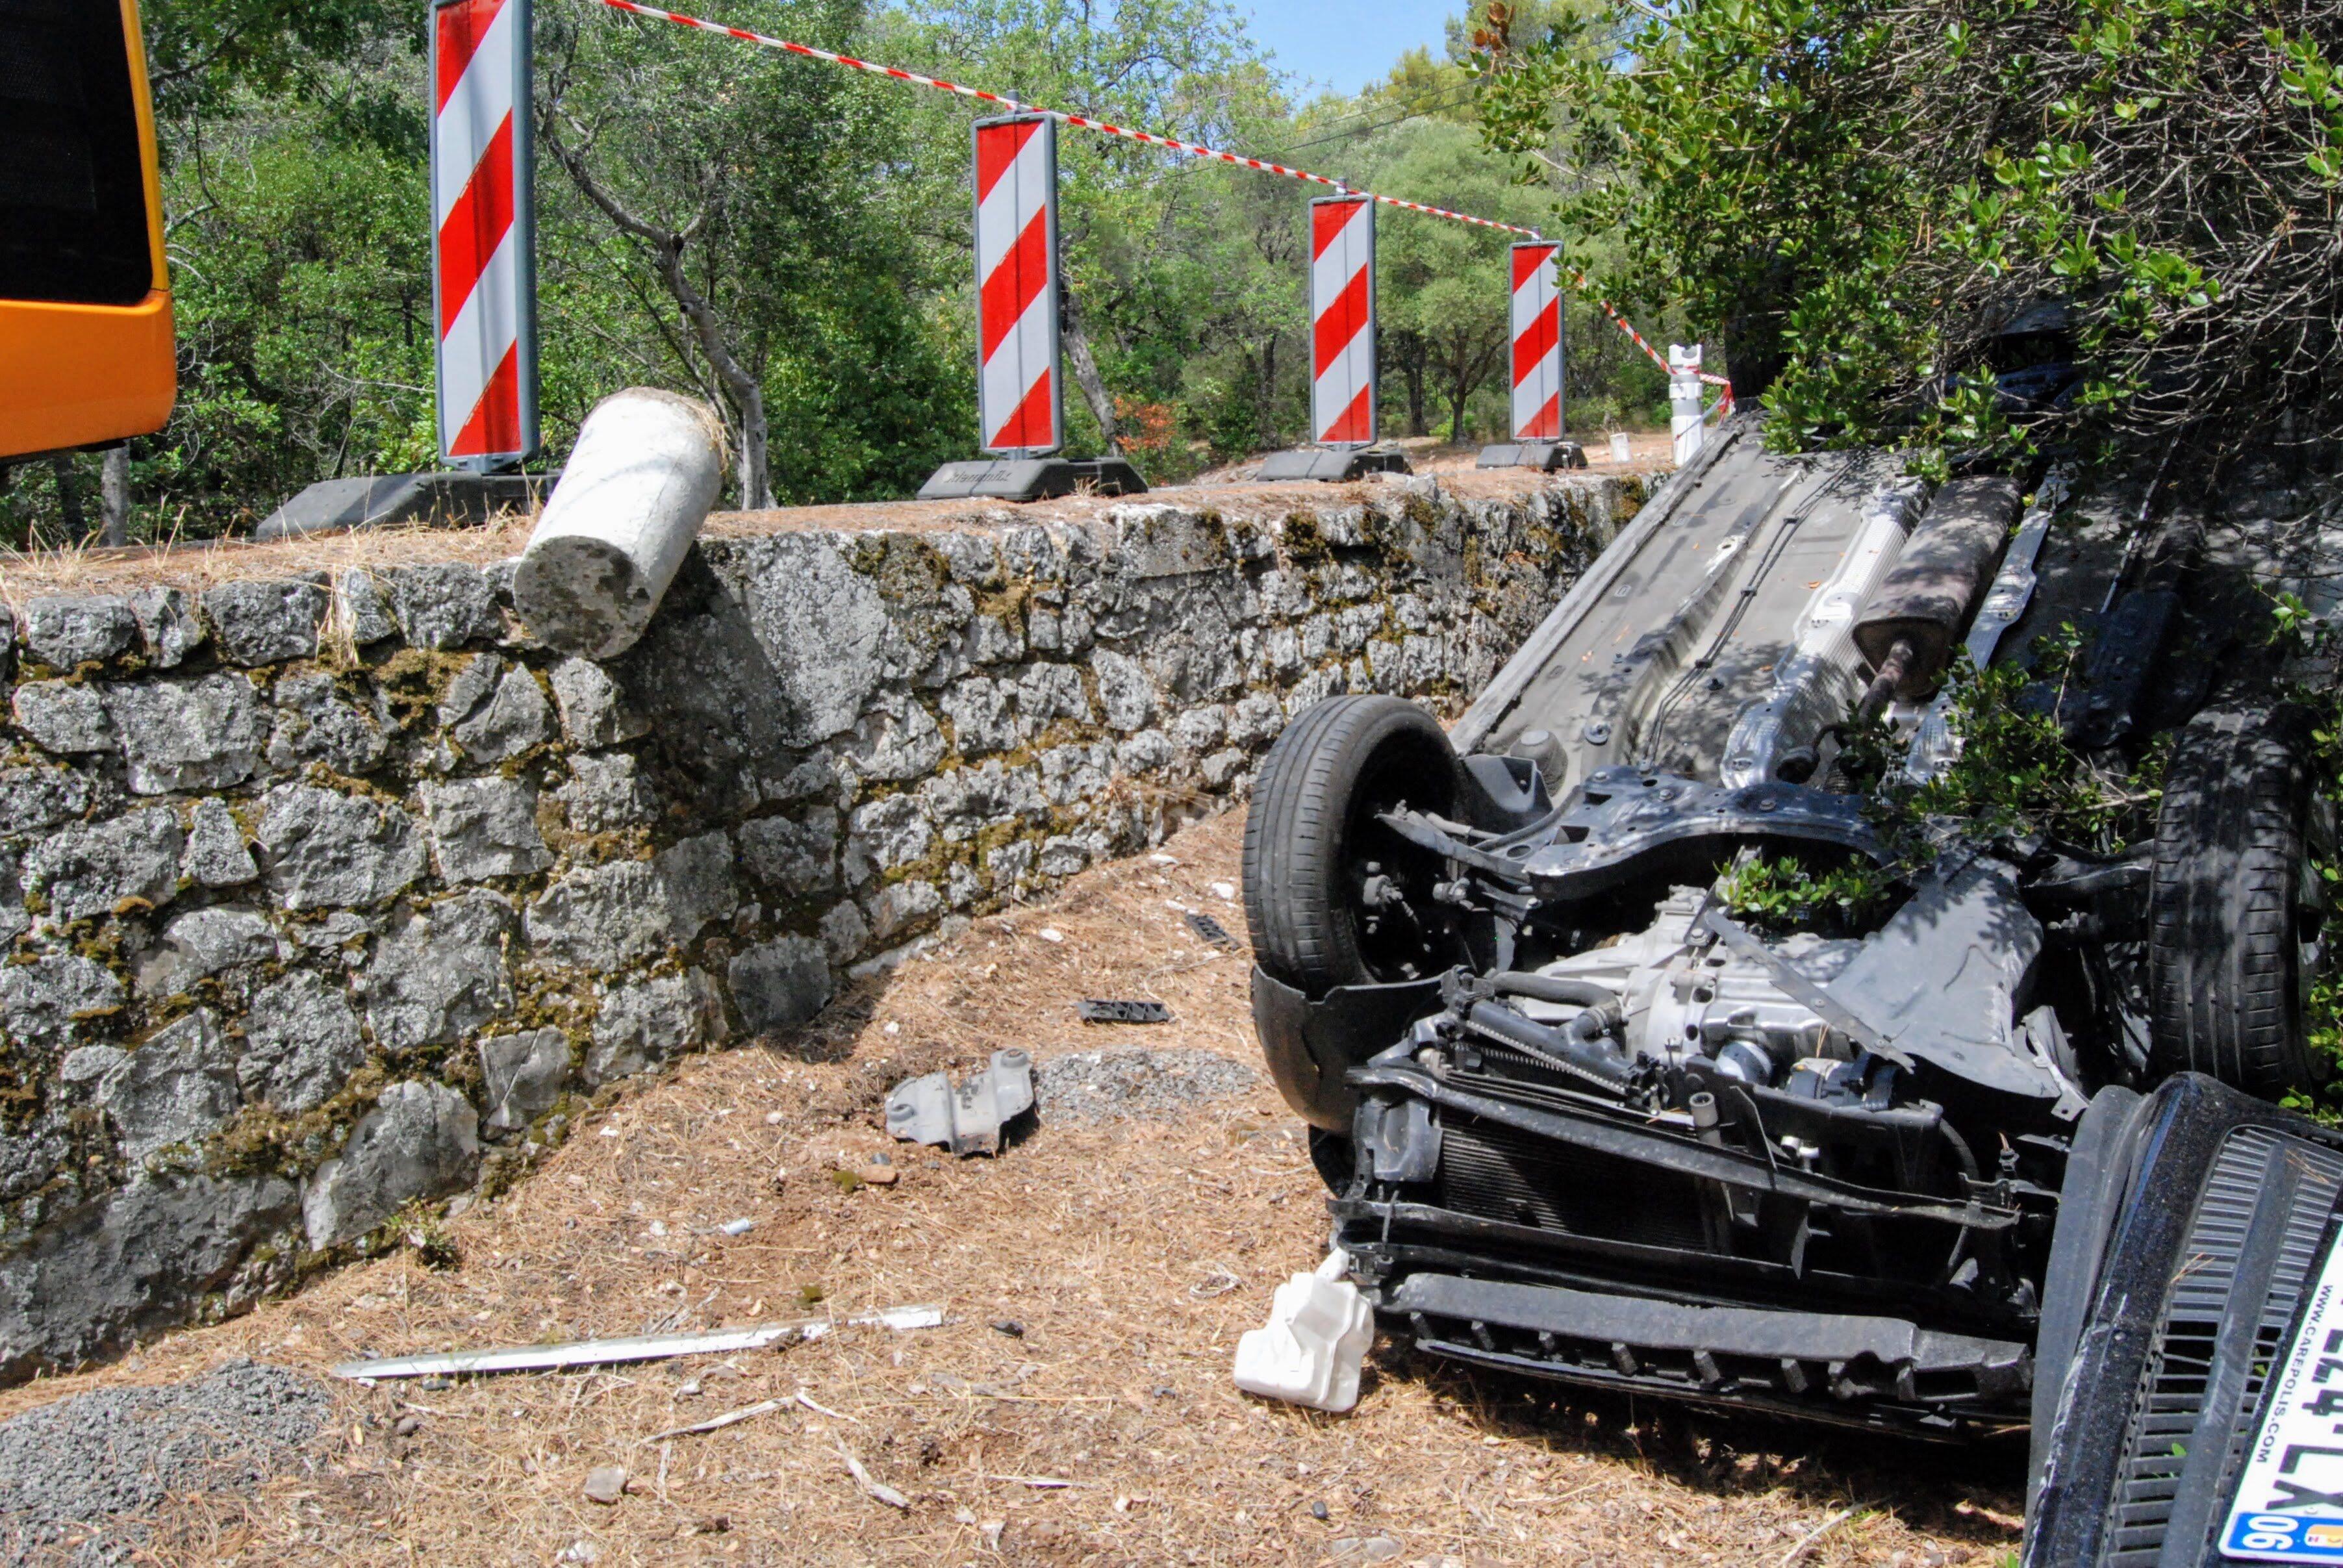 """""""La situation se détériore"""": à Nice, les riverains du mont Boron dénoncent une insécurité galopante"""